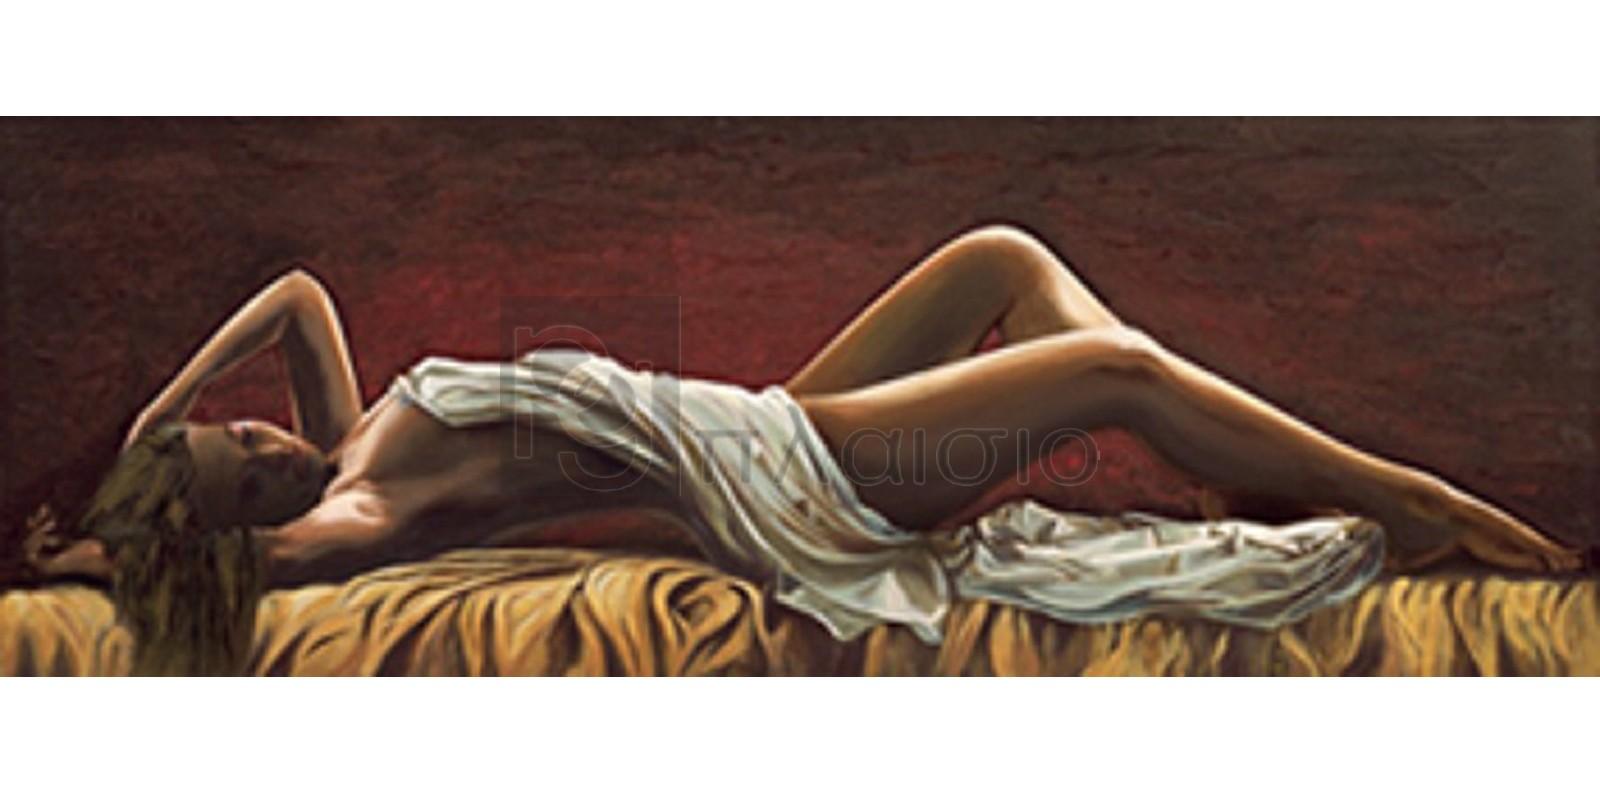 Giorgio Mariani - Dolce sognare